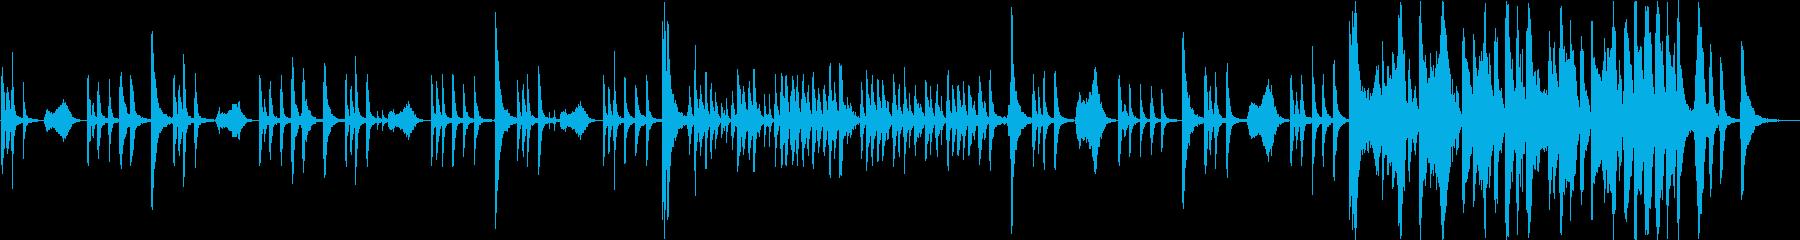 【動画】コミカルなストリングス【短縮版】の再生済みの波形